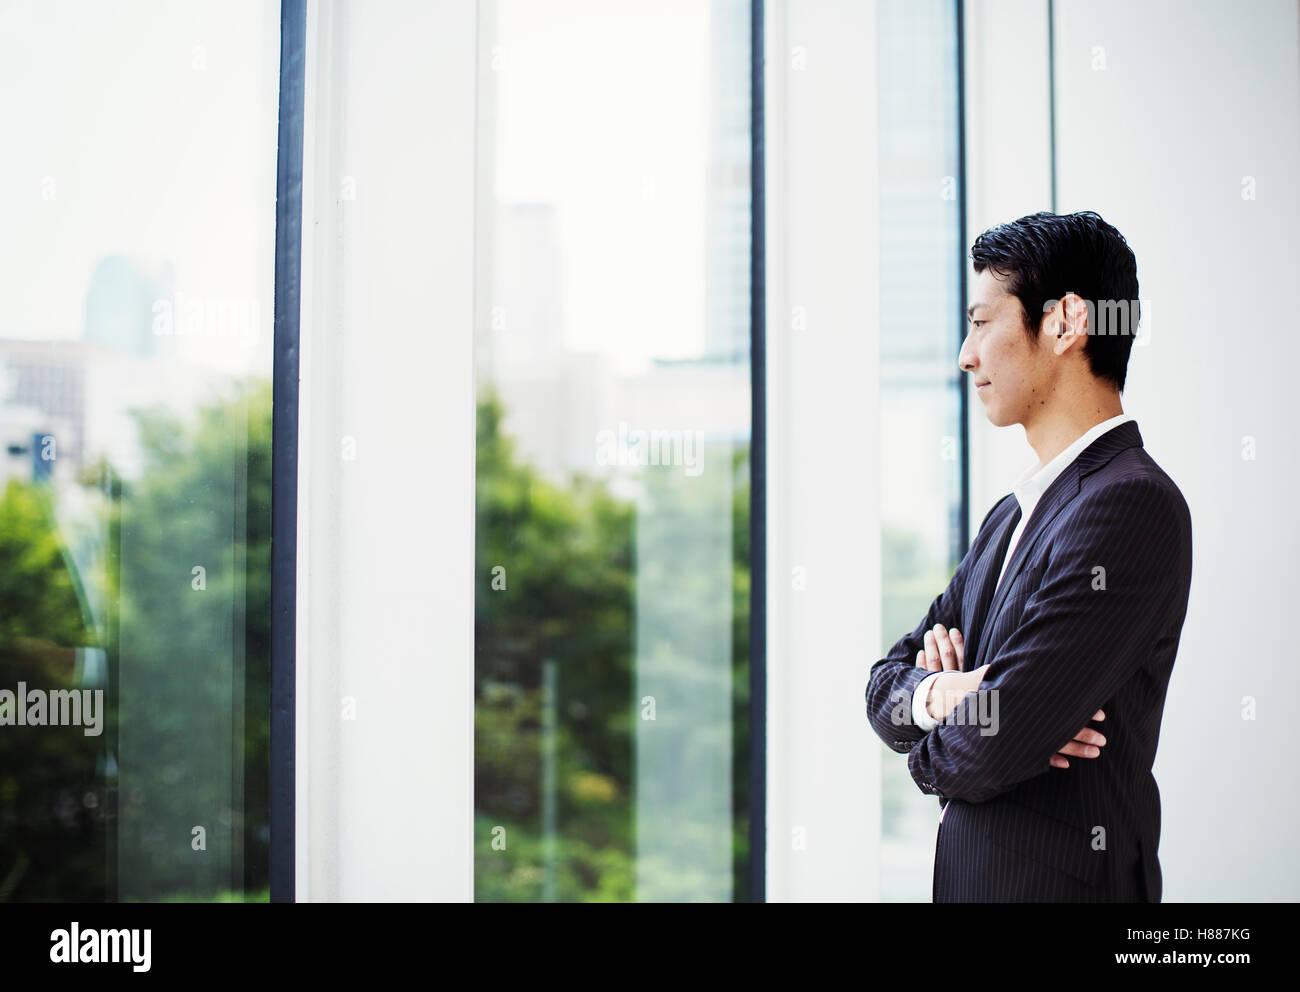 L'homme d'affaires de l'office, par une grande fenêtre, à l'extérieur. Photo Stock